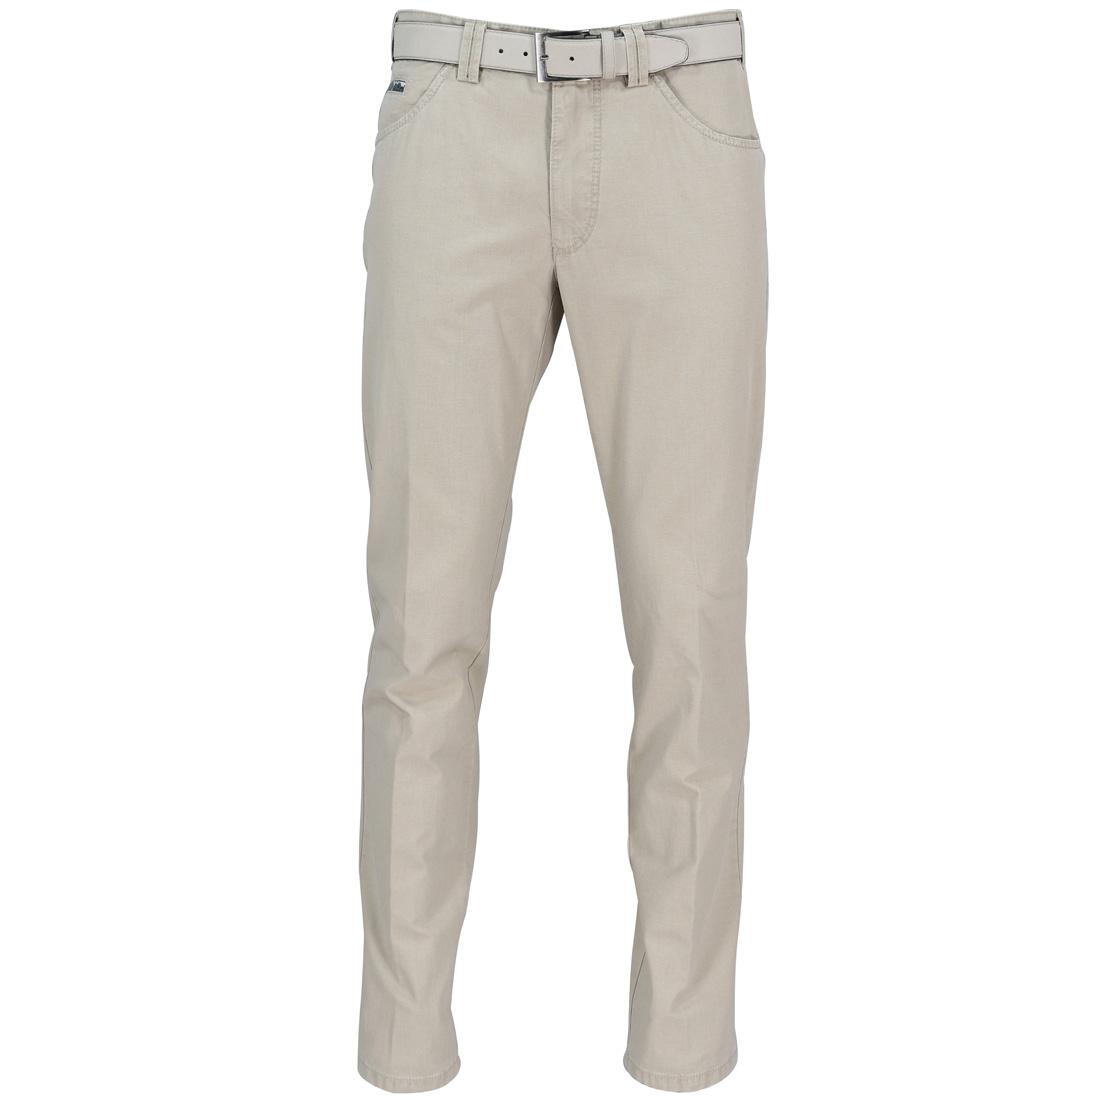 Meyer Hosen broeken Dublin 1271501500 in het Beige